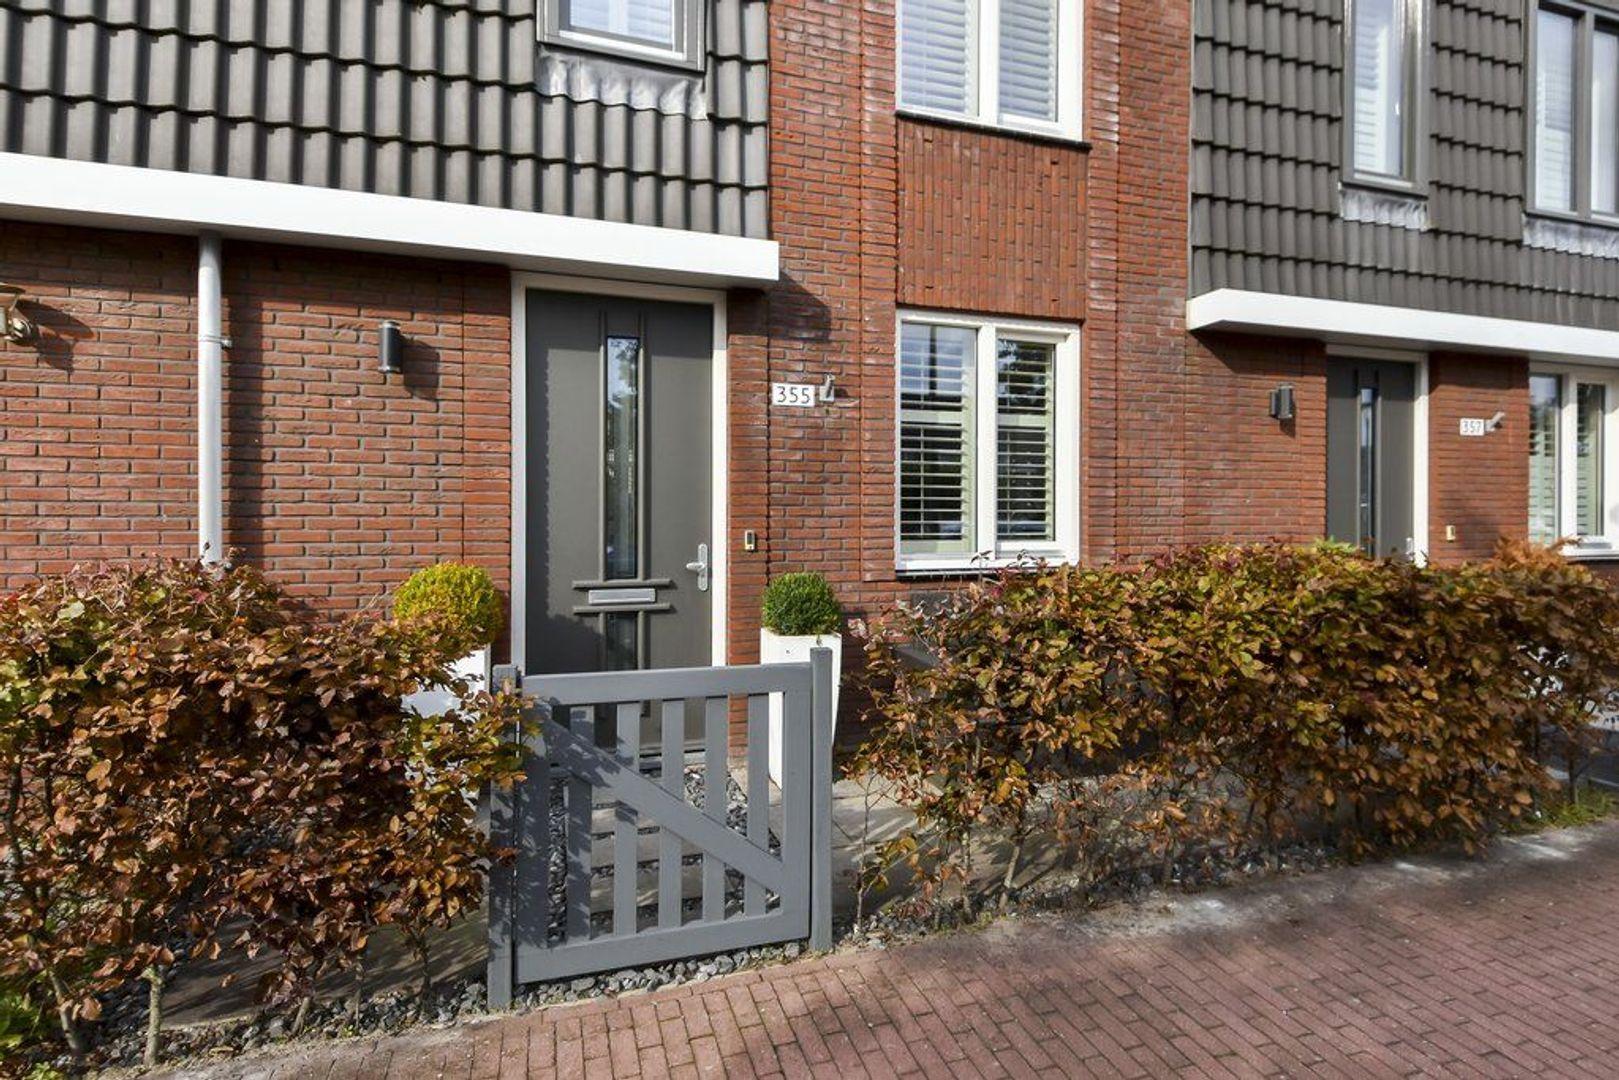 Laan van Sion 355, Rijswijk foto-4